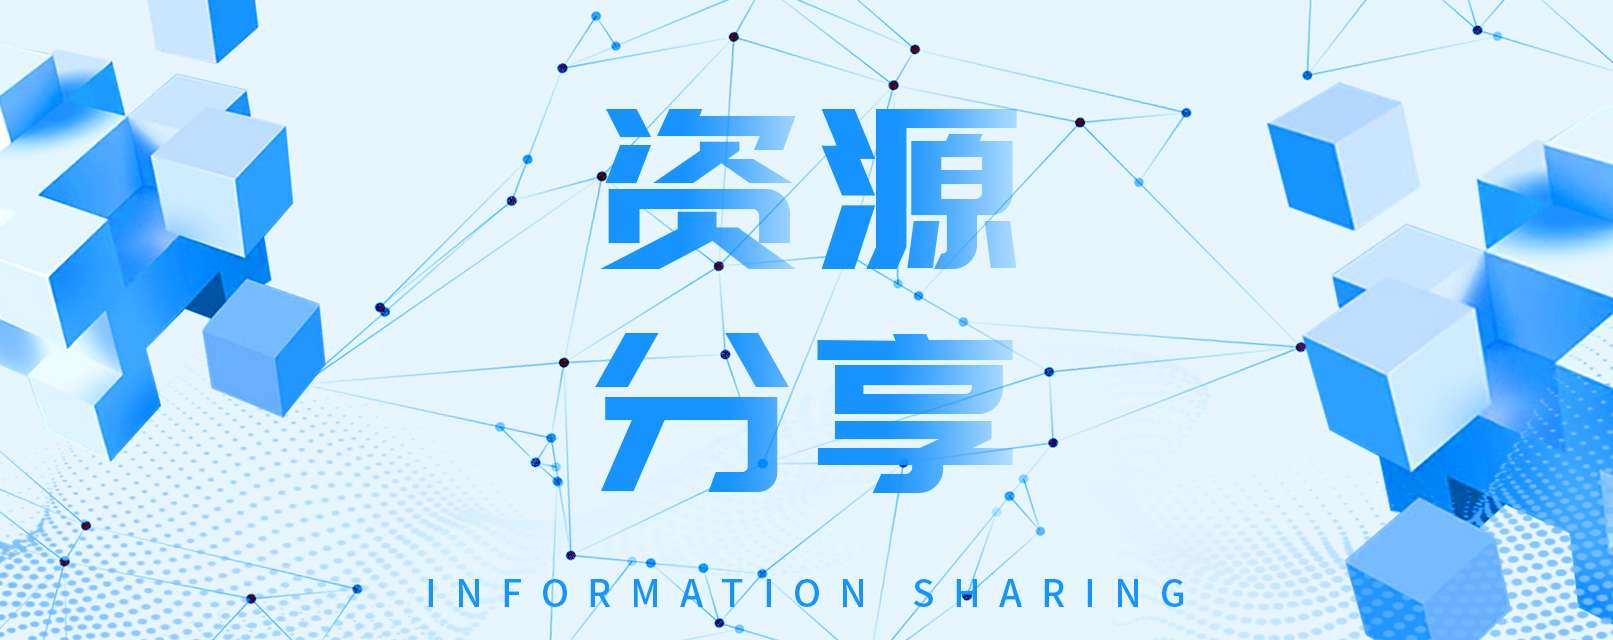 【资源分享】Aris-终端桌面(高效率且装逼桌面APP)